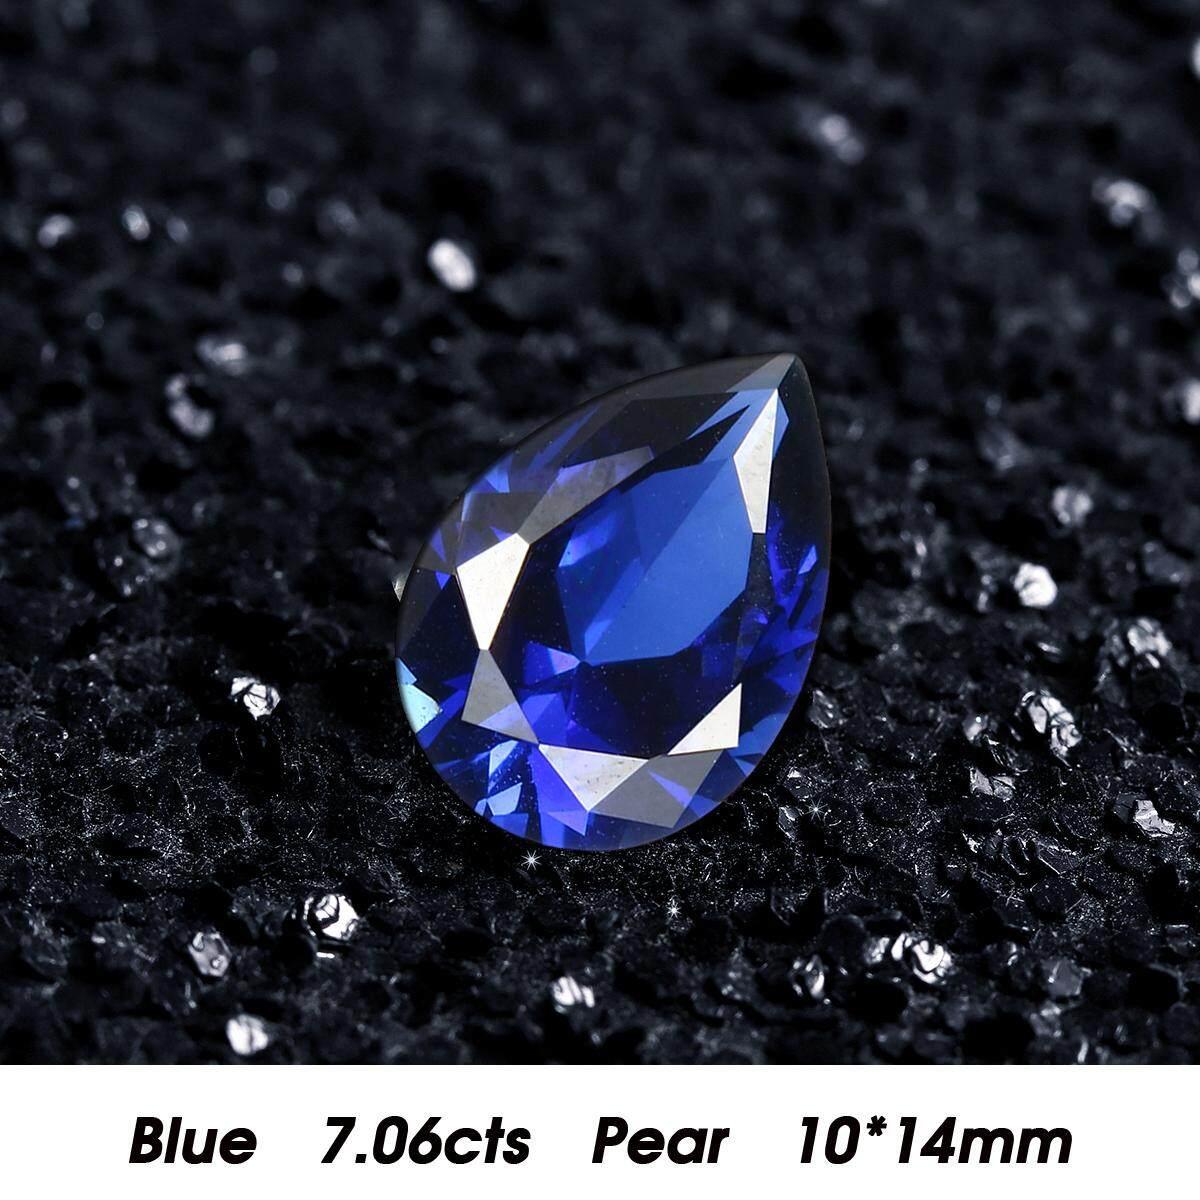 14mm x 10mm Tự Nhiên Xanh Dương Corundum 7.06ct Hình Trái Lê Màu Xanh Sapphire Kim Cương